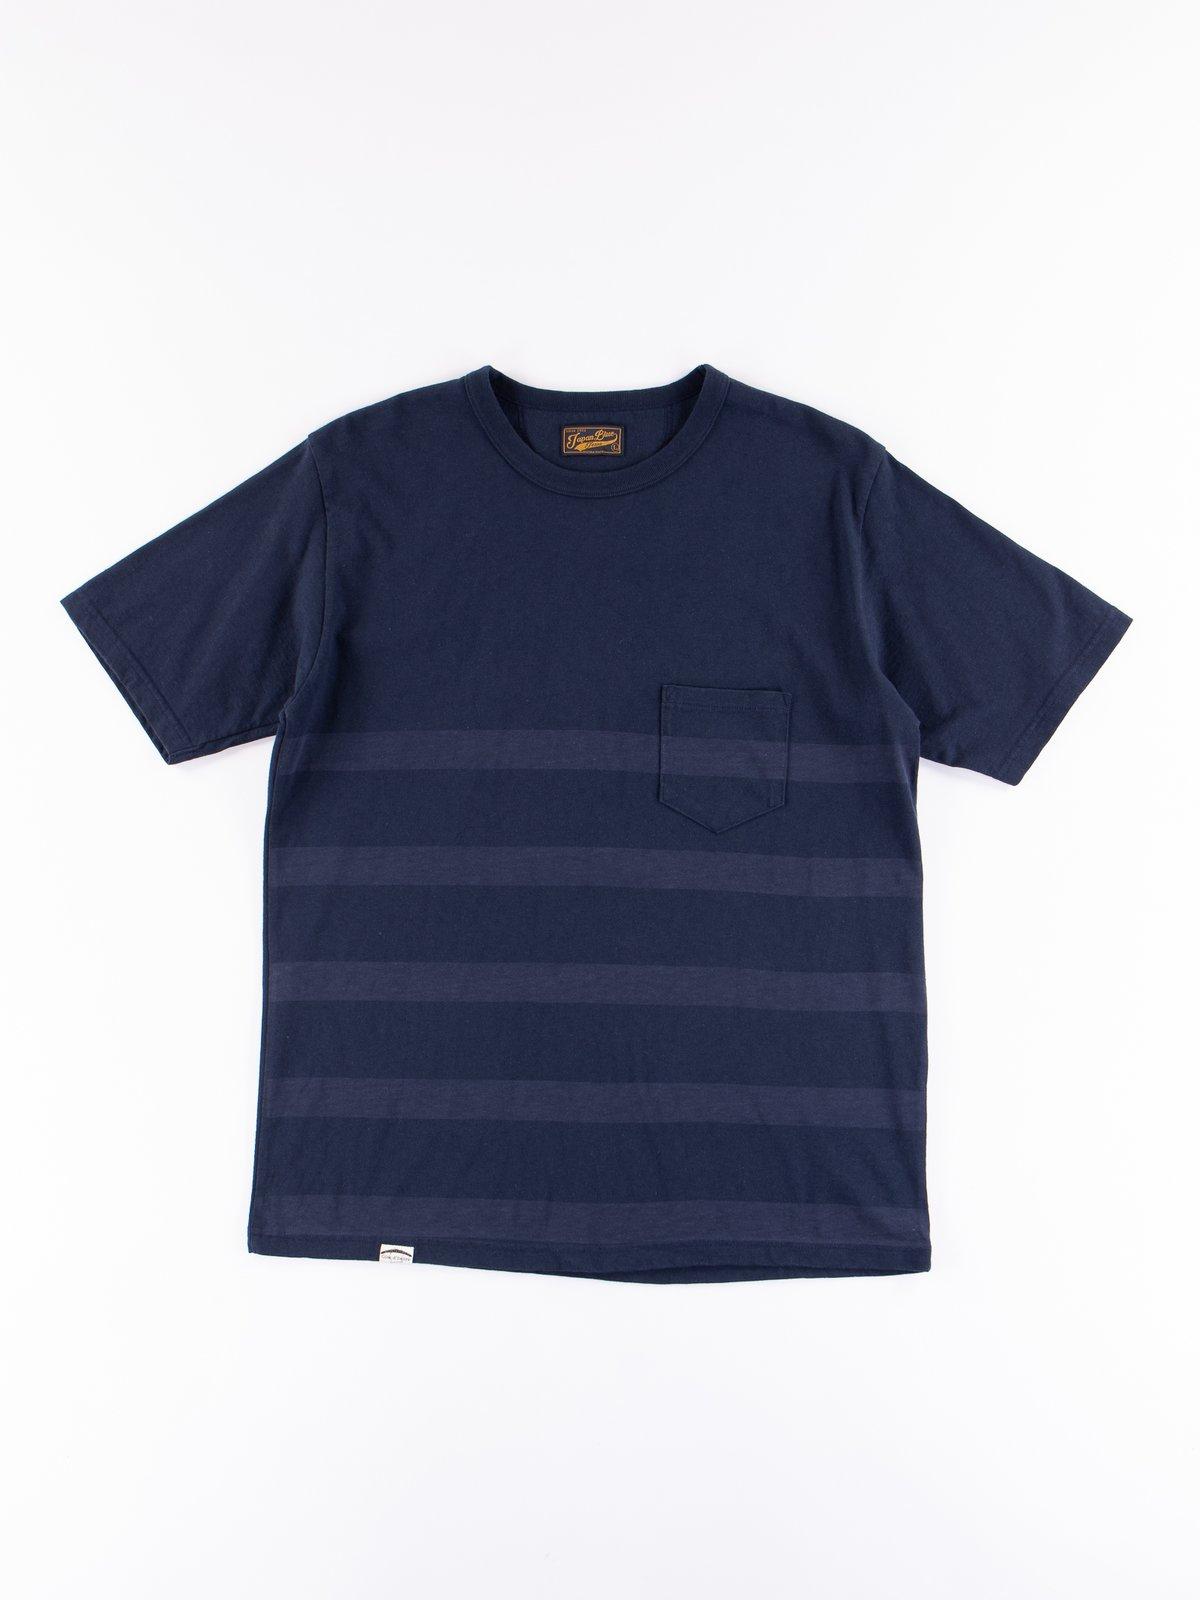 Navy Stripe Cote D'Ivoire Cotton T–Shirt - Image 1